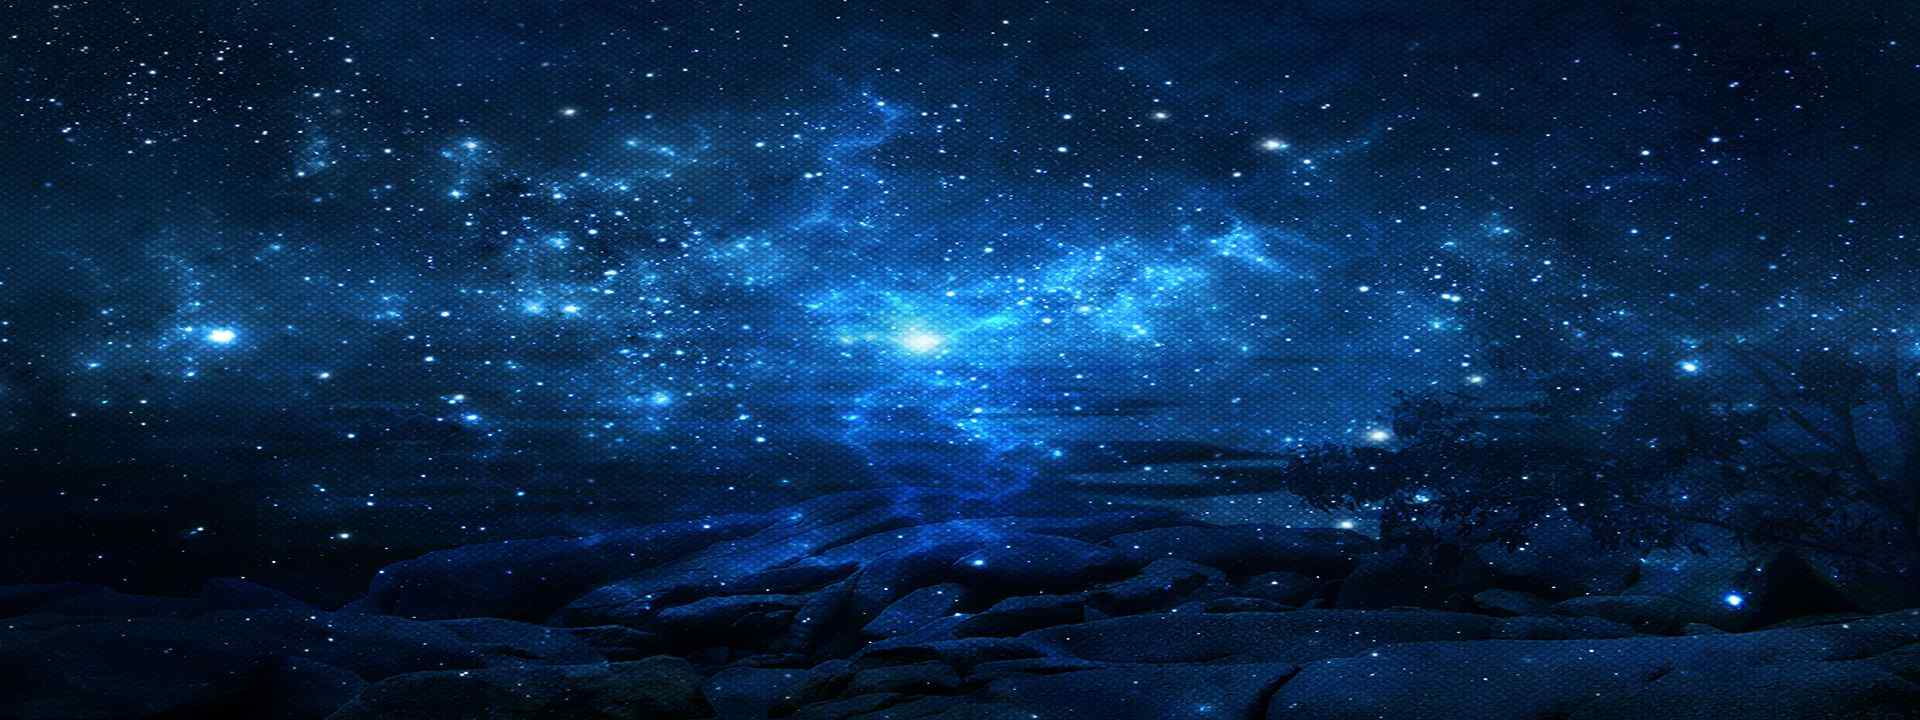 浩渺的蓝色星空高清壁纸